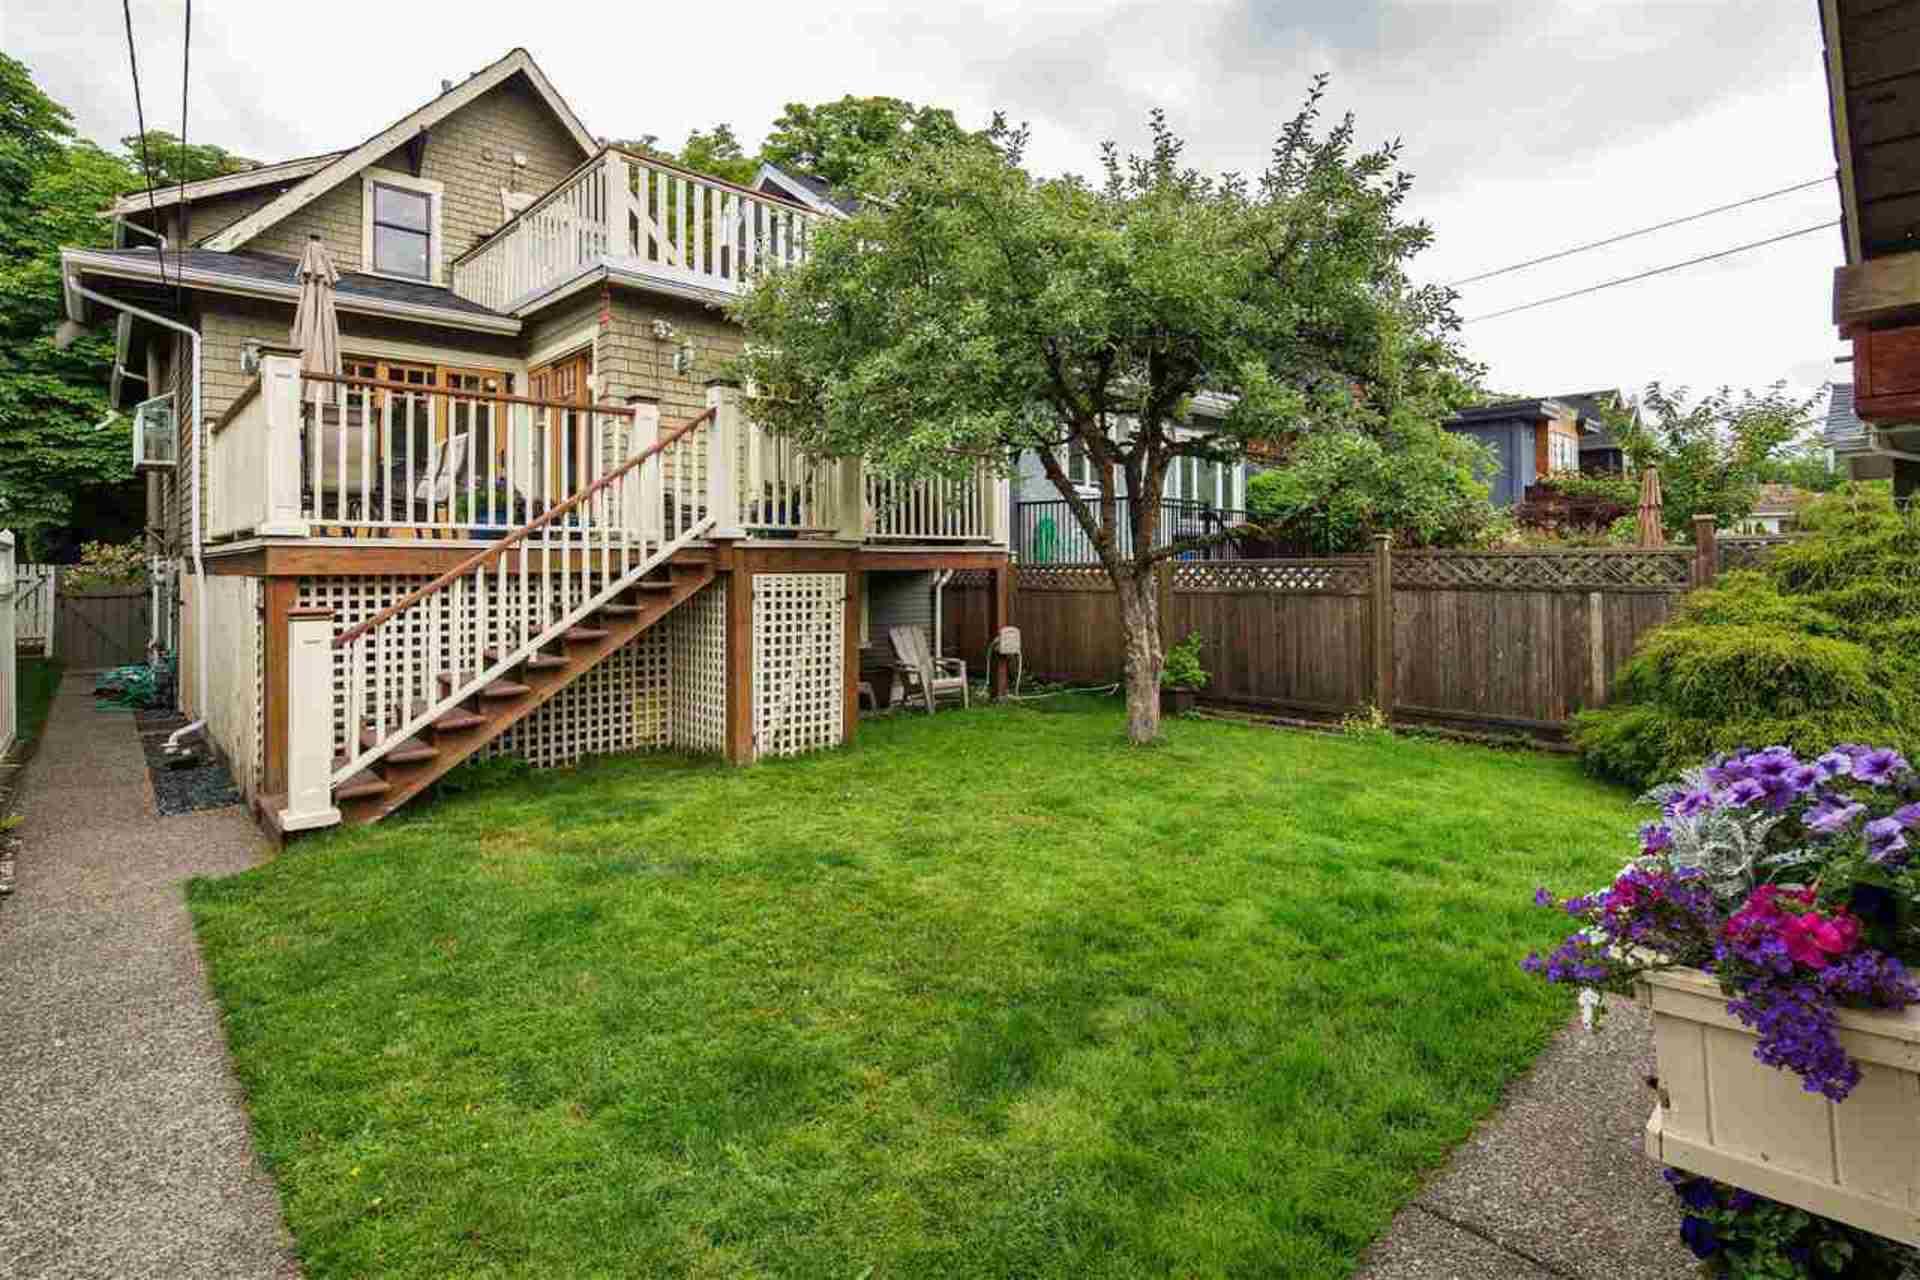 2836-w-12th-avenue-kitsilano-vancouver-west-19 at 2836 W 12th Avenue, Kitsilano, Vancouver West